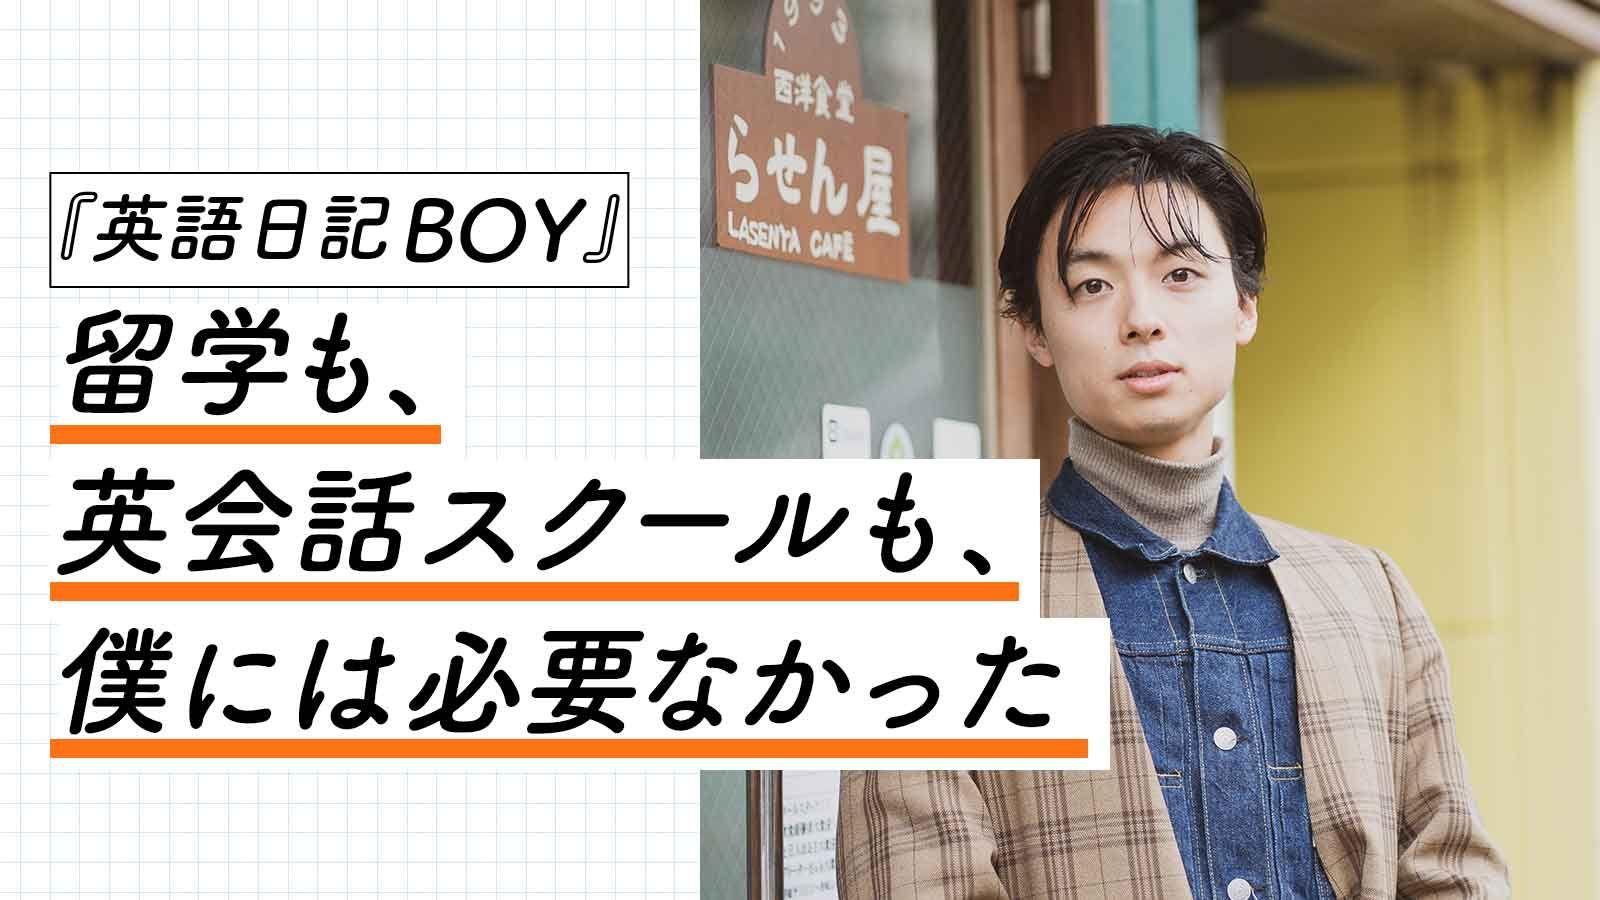 英語習得に、お金はいらない。日記だけで「英語が話せる人」になった青年、新井リオの発想